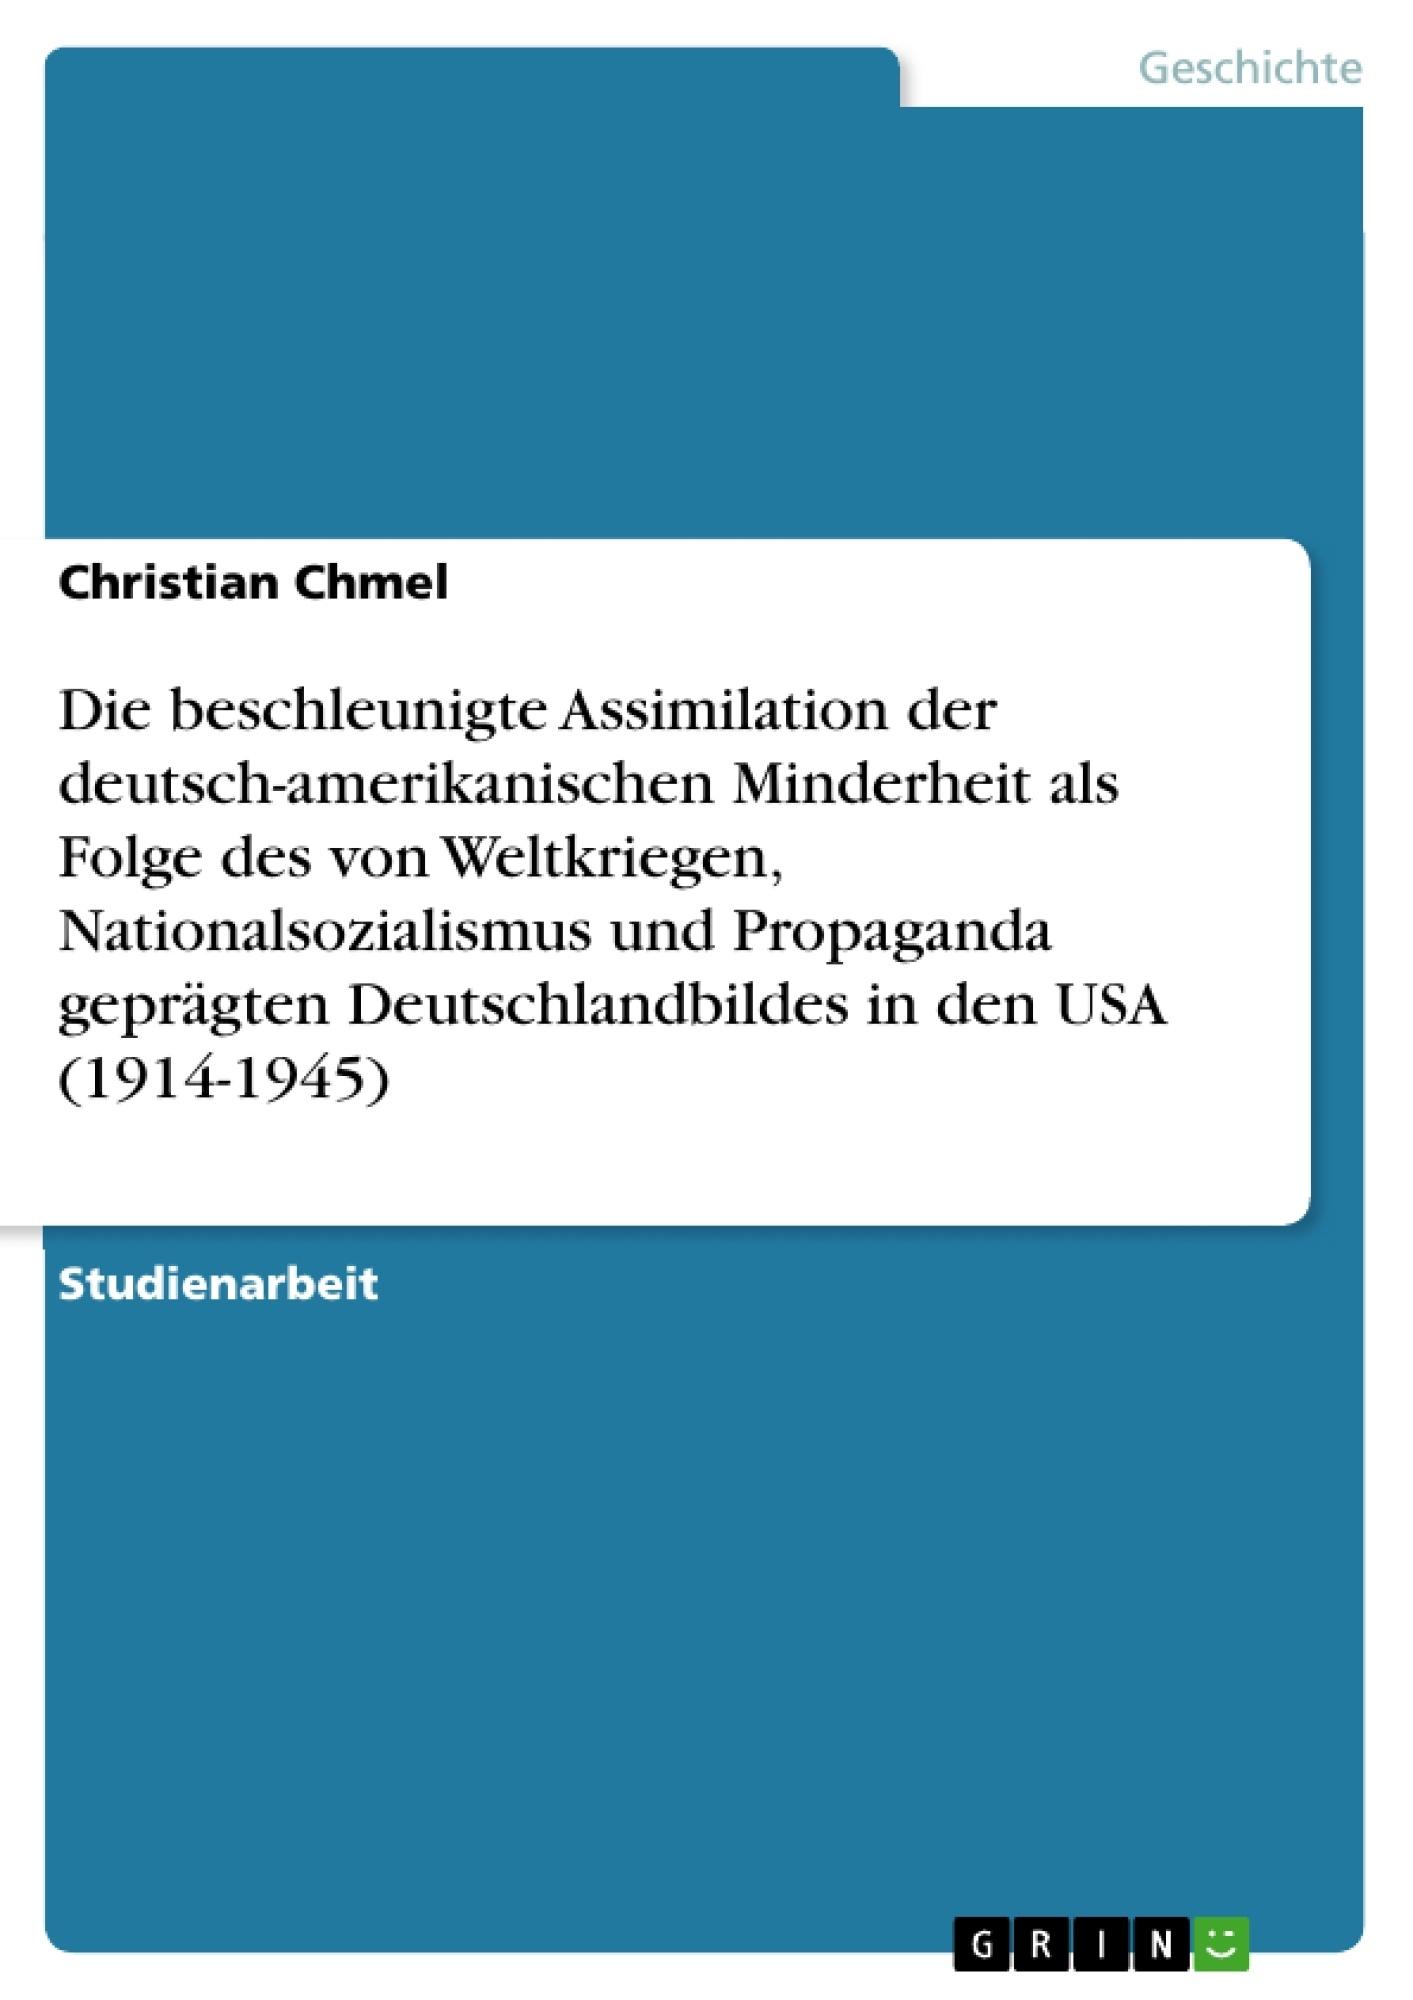 Titel: Die beschleunigte Assimilation der deutsch-amerikanischen Minderheit als Folge des von Weltkriegen, Nationalsozialismus und Propaganda geprägten Deutschlandbildes in den USA (1914-1945)